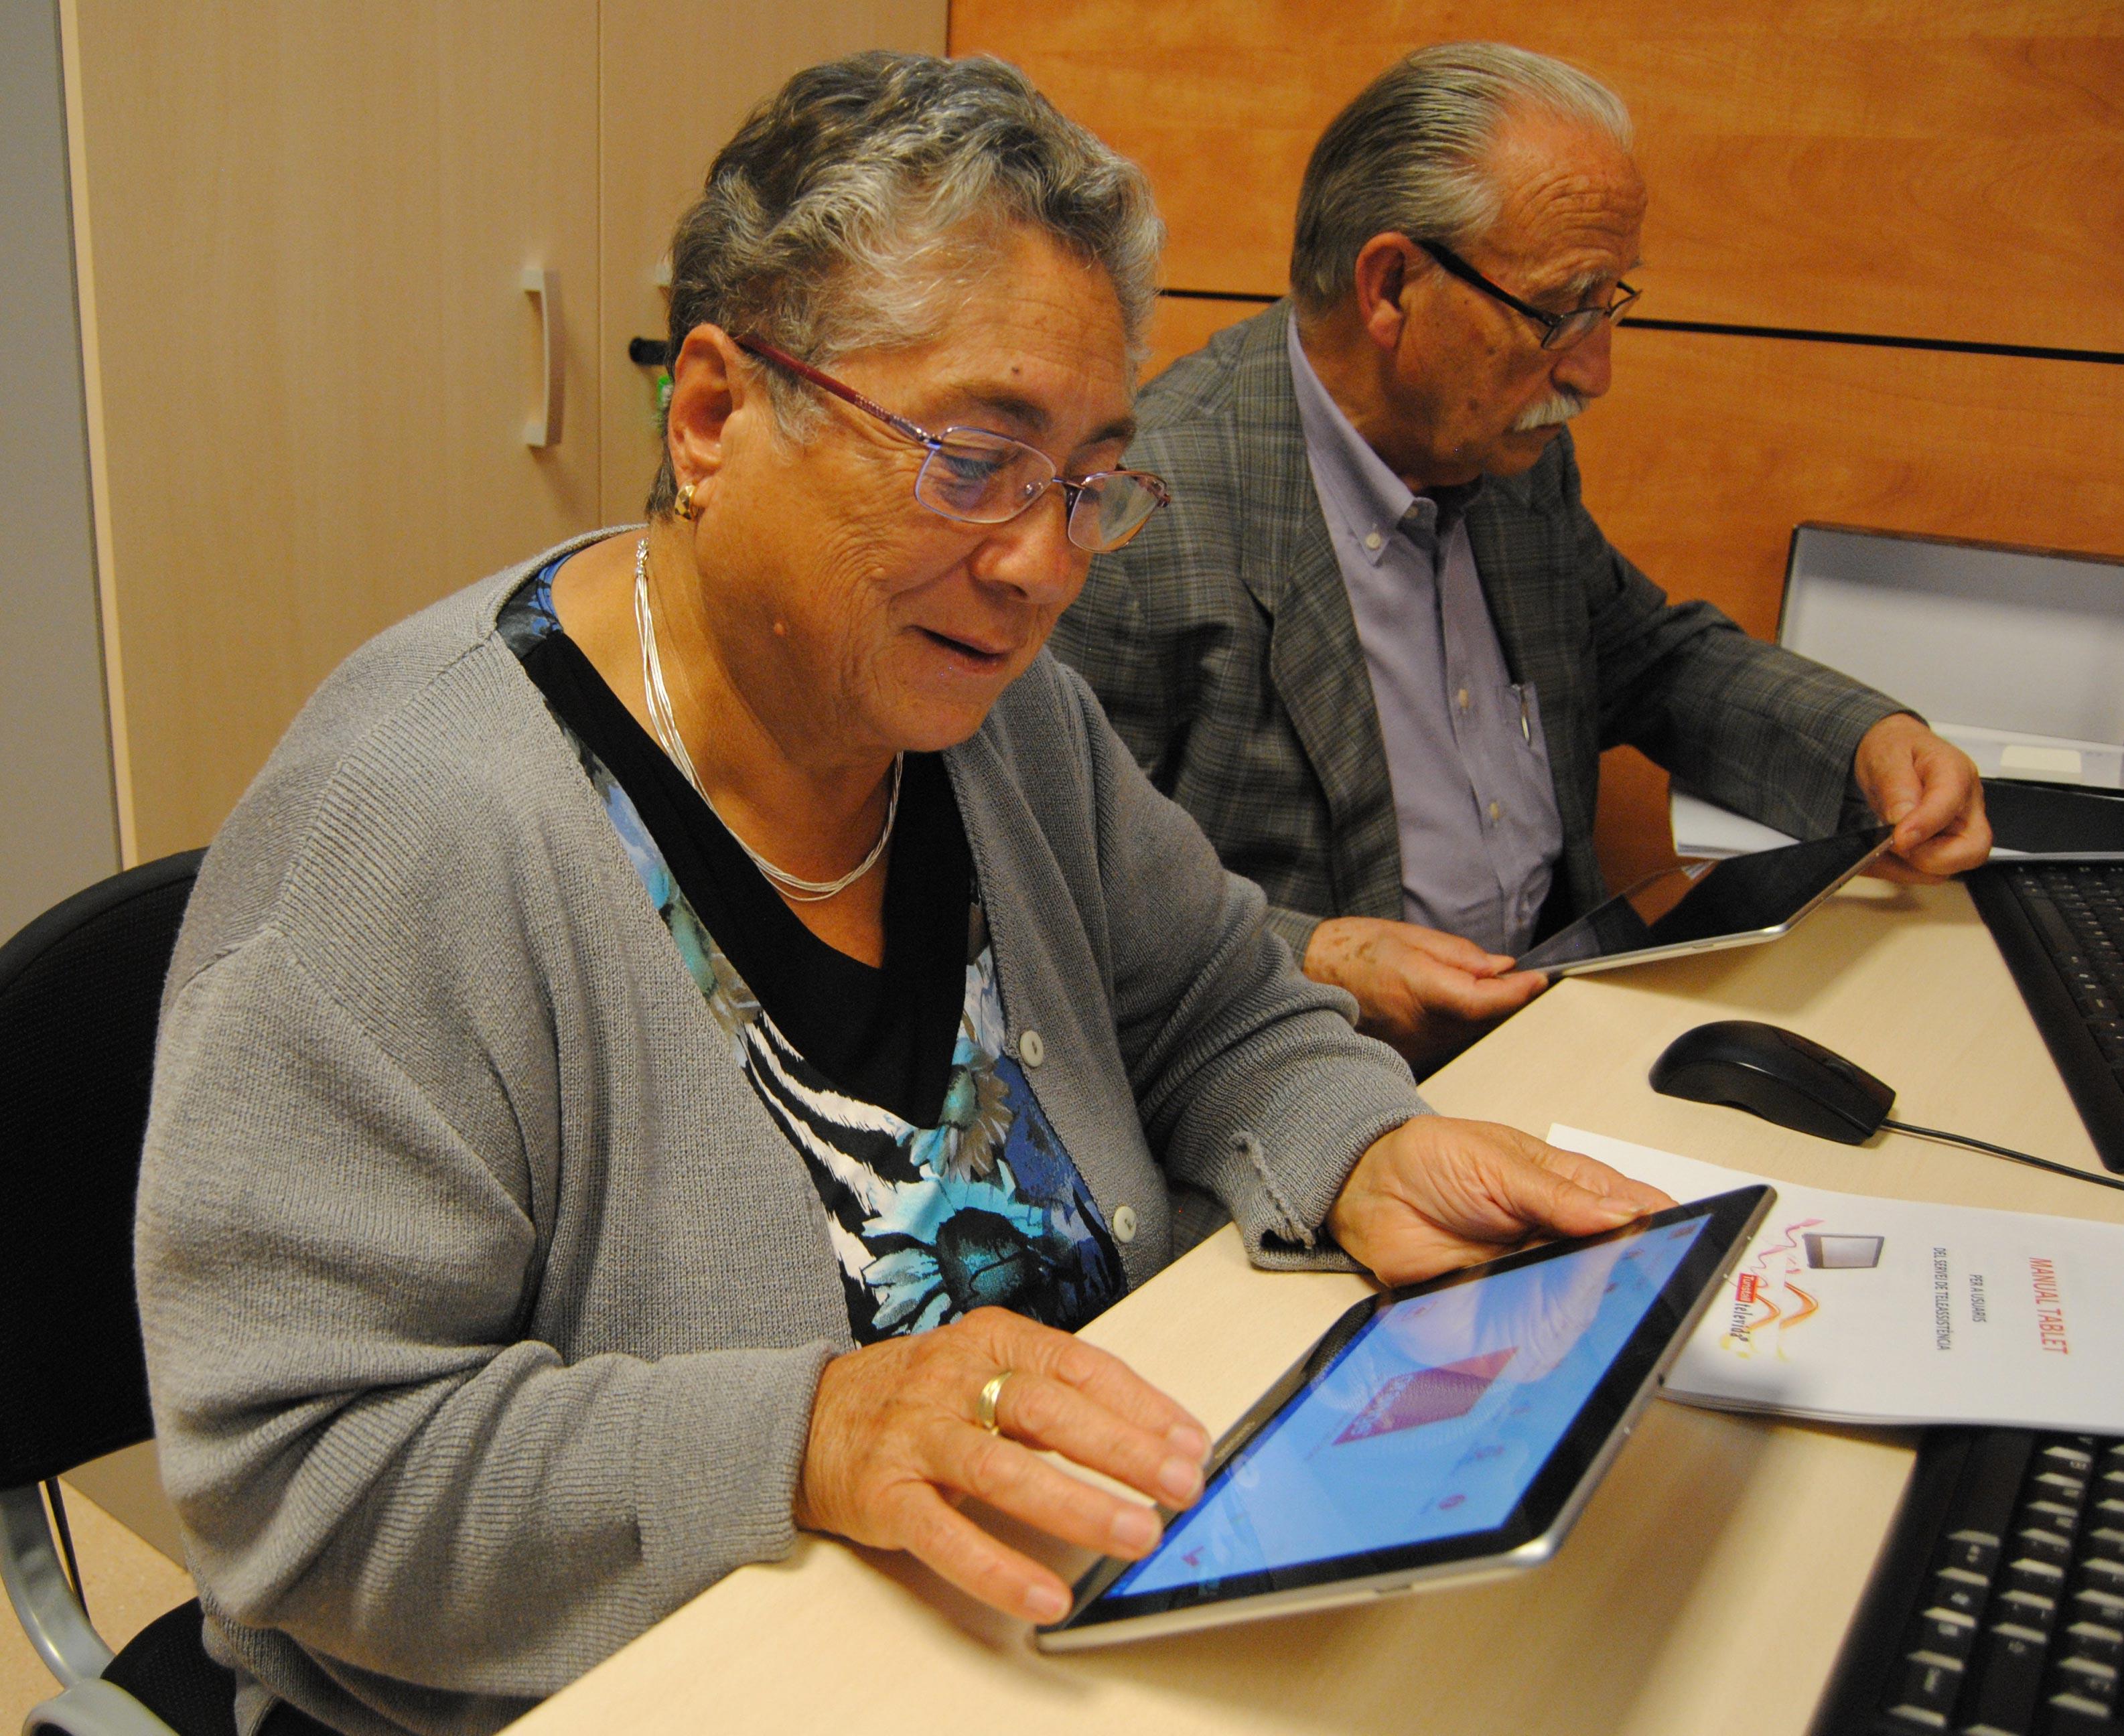 imatge de dos persones grans utilitzant tauletes